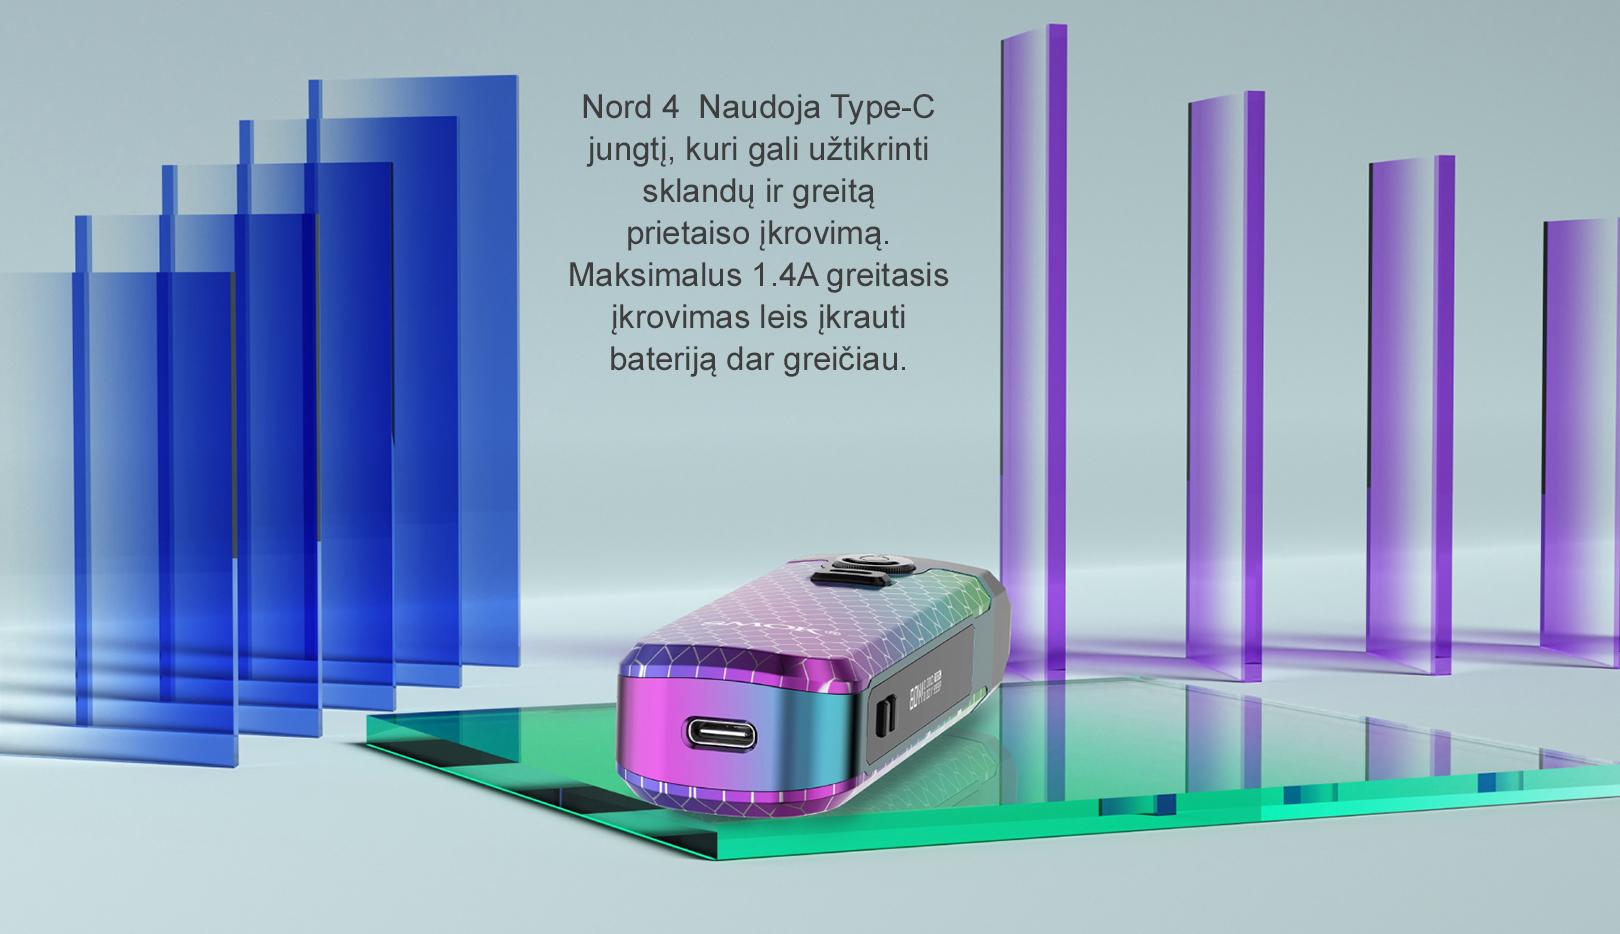 SMOK Nord 4 naujasis įrenginys